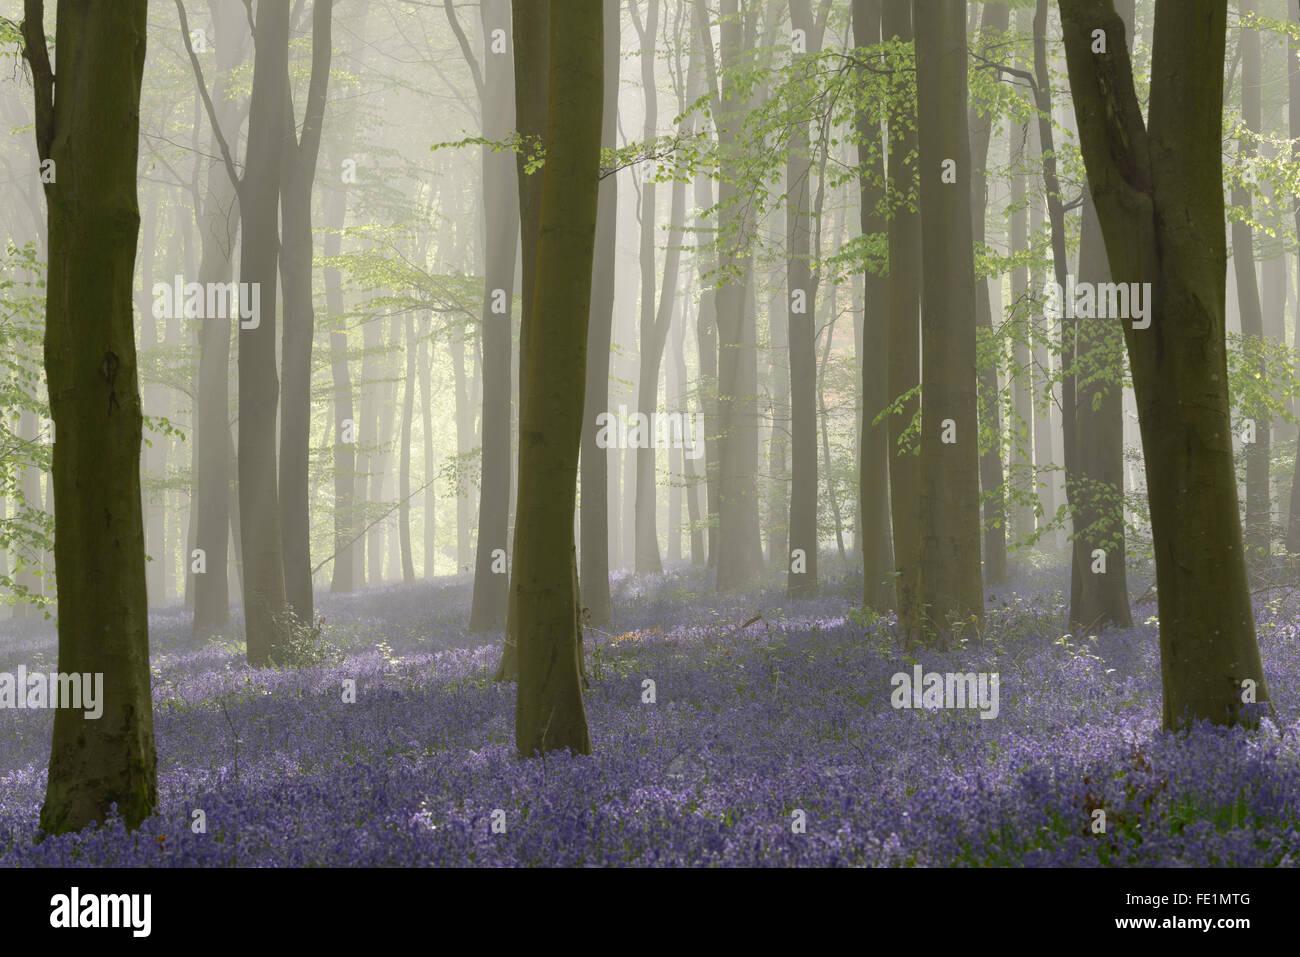 Boschi pieni di bluebells in una nebbiosa mattina di primavera nei pressi di Micheldever in Hampshire. Immagini Stock